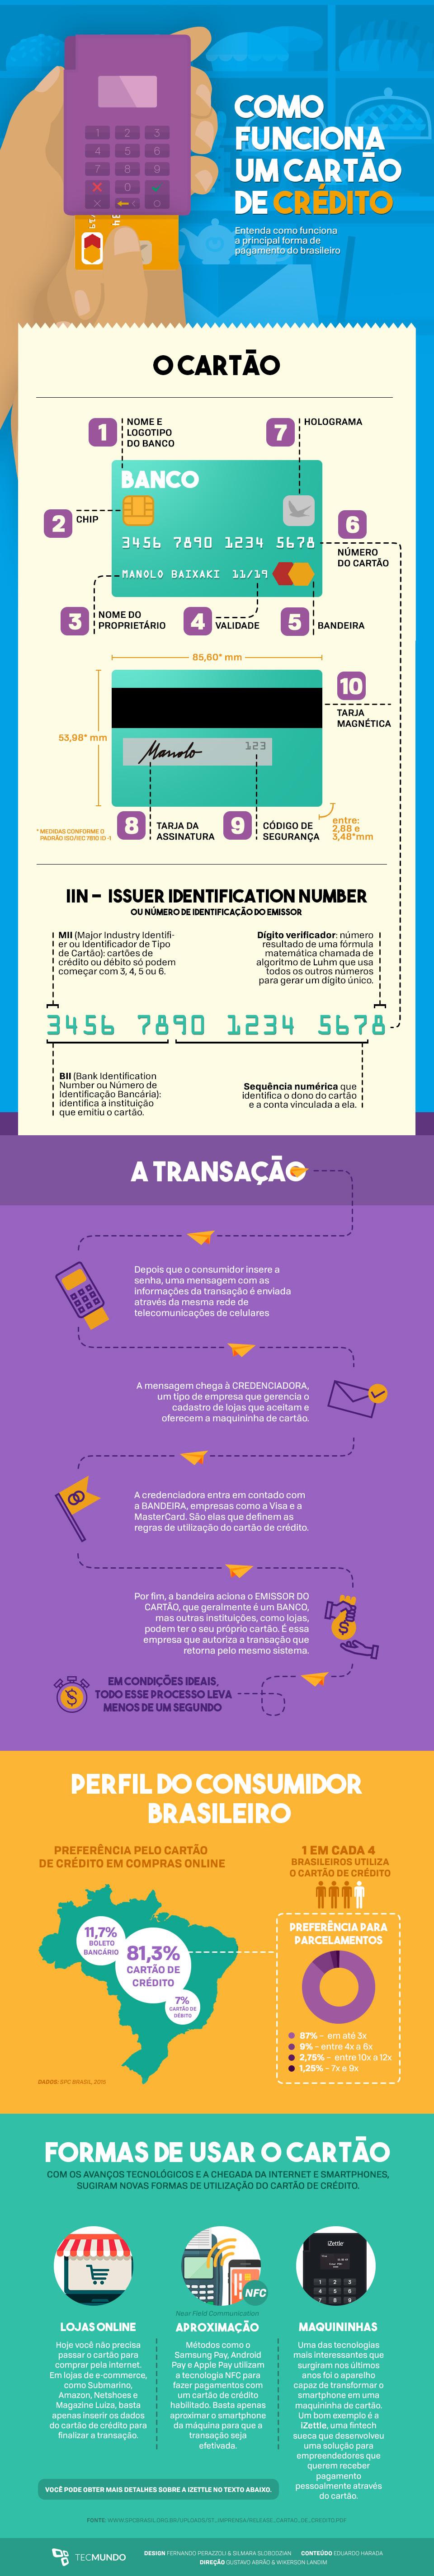 Entenda como funciona um cartão de crédito [infográfico]